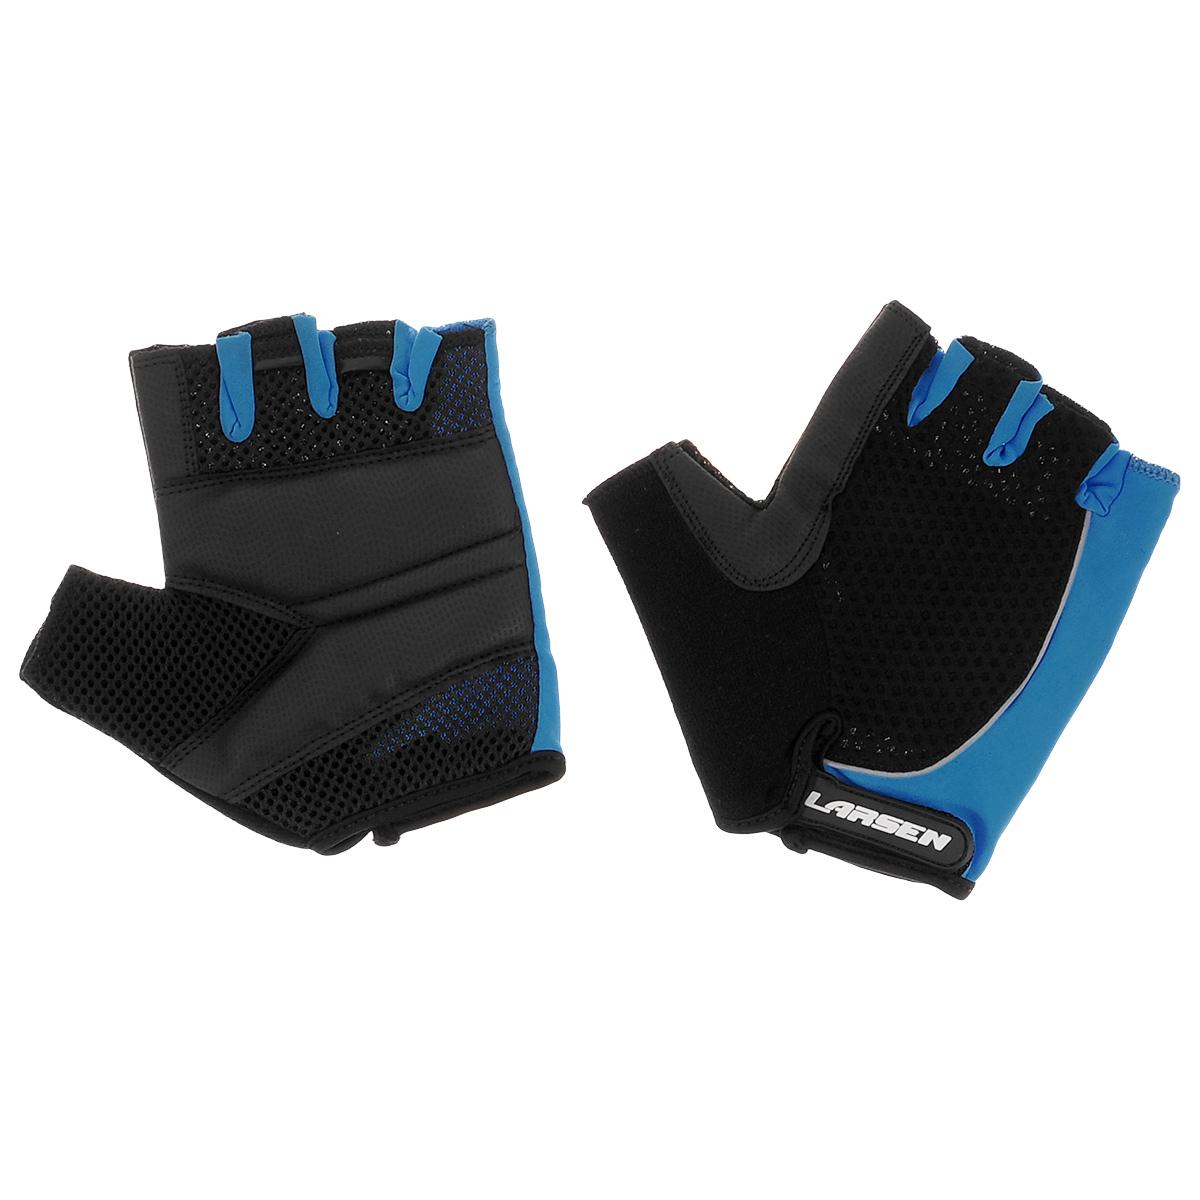 Велоперчатки Larsen, цвет: черный, синий. Размер XL01-1232Велоперчатки Larsen выполнены из высококачественного нейлона и амары. Ладони оснащены накладкой из полиуретана для повышенного сцепления и системой Pull Off на пальцах. Застежка Velcro надежно фиксирует перчатки на руке. Сетка способствует хорошей вентиляции.Гид по велоаксессуарам. Статья OZON Гид